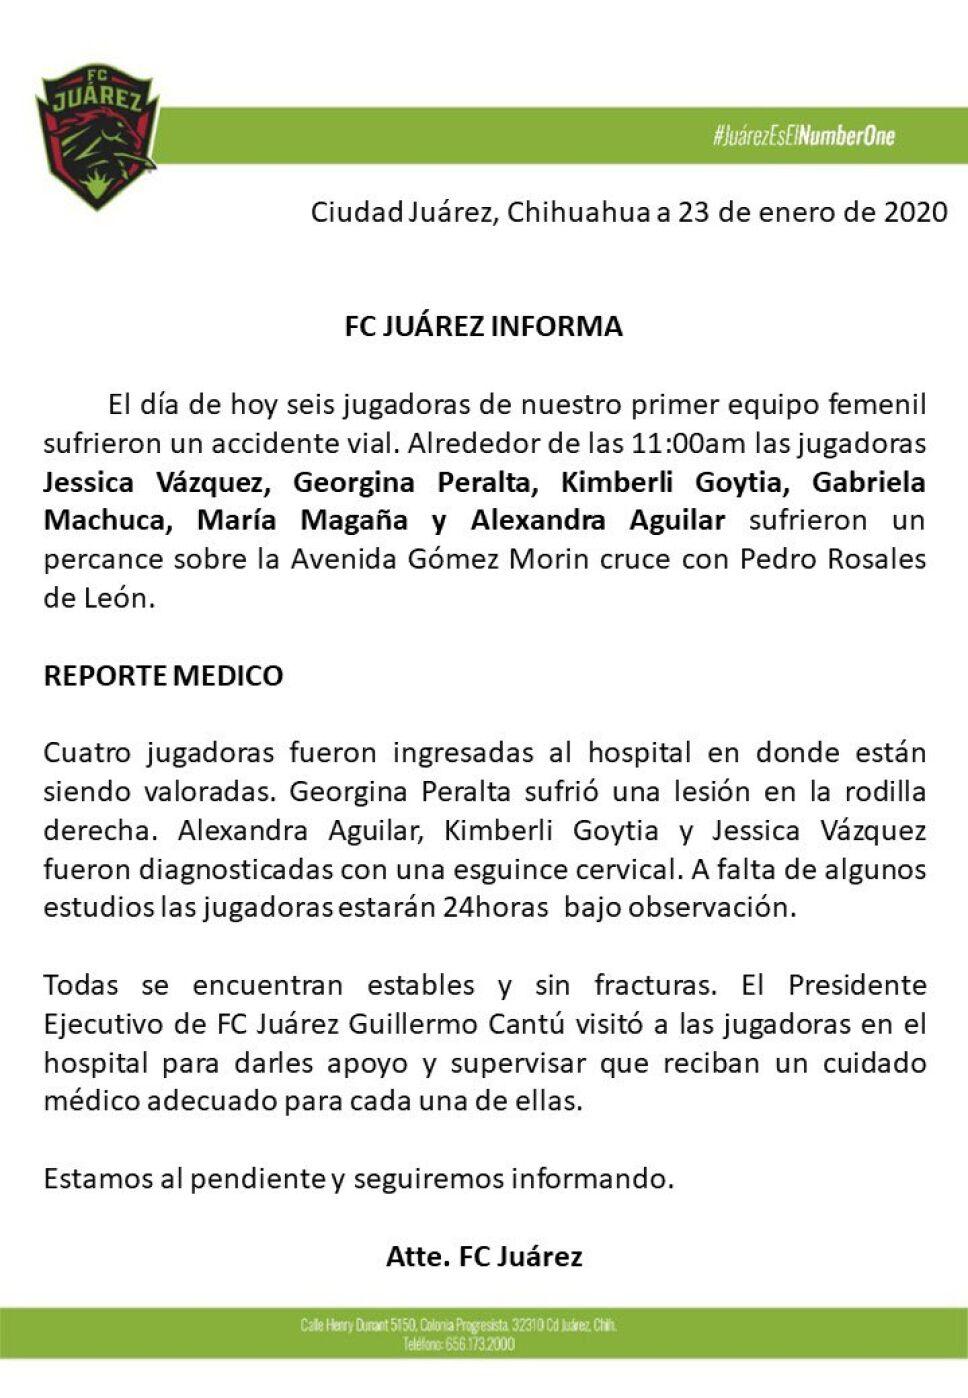 FC Juárez comunicado de accidente vial de seis jugadores del equipo femenil